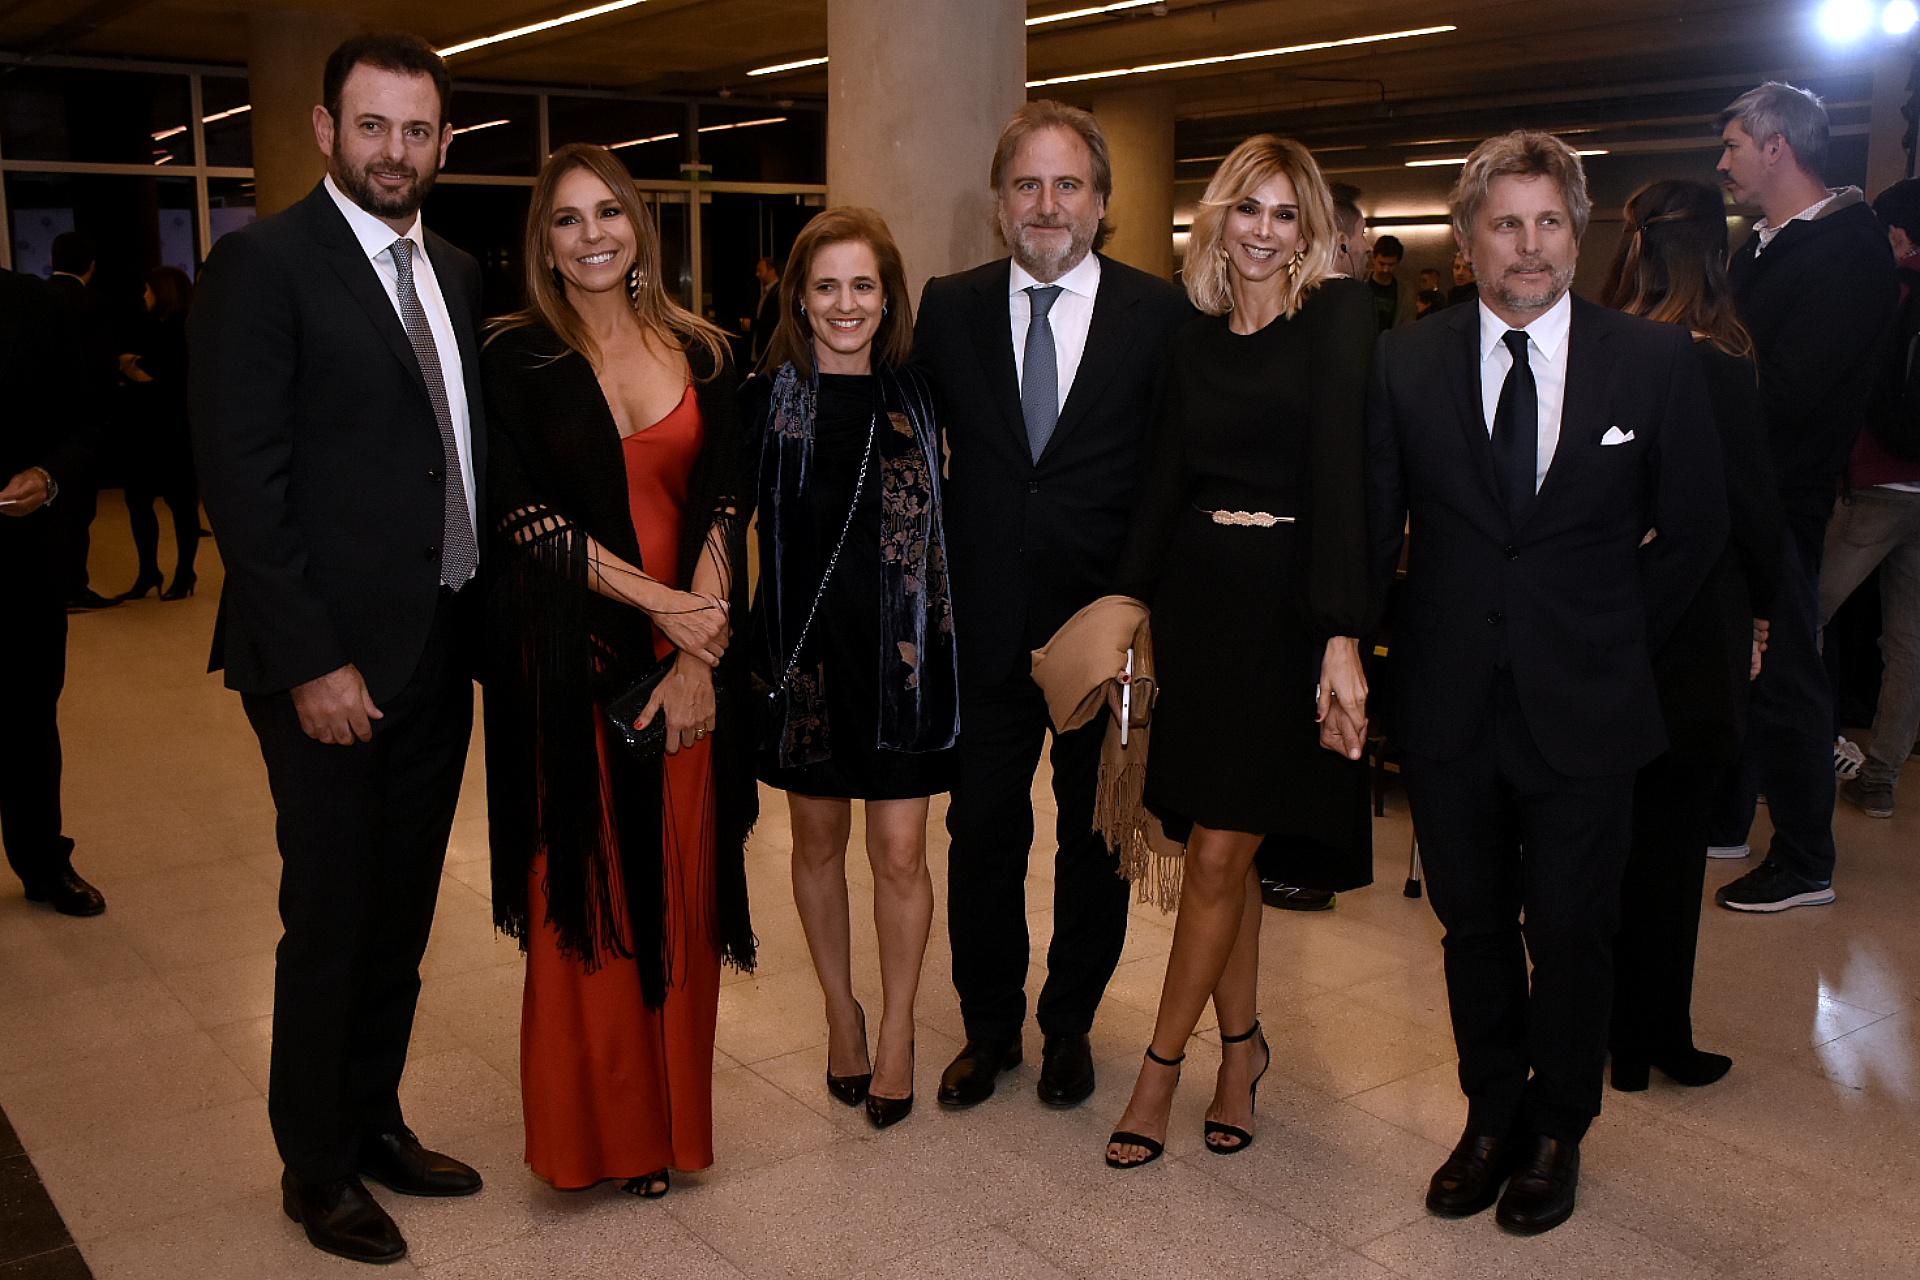 José Urtubey y su mujer Soledad junto a Silvina Pueyrredon, Tato Lanusse, Vicky Fariña y Pappo Roca